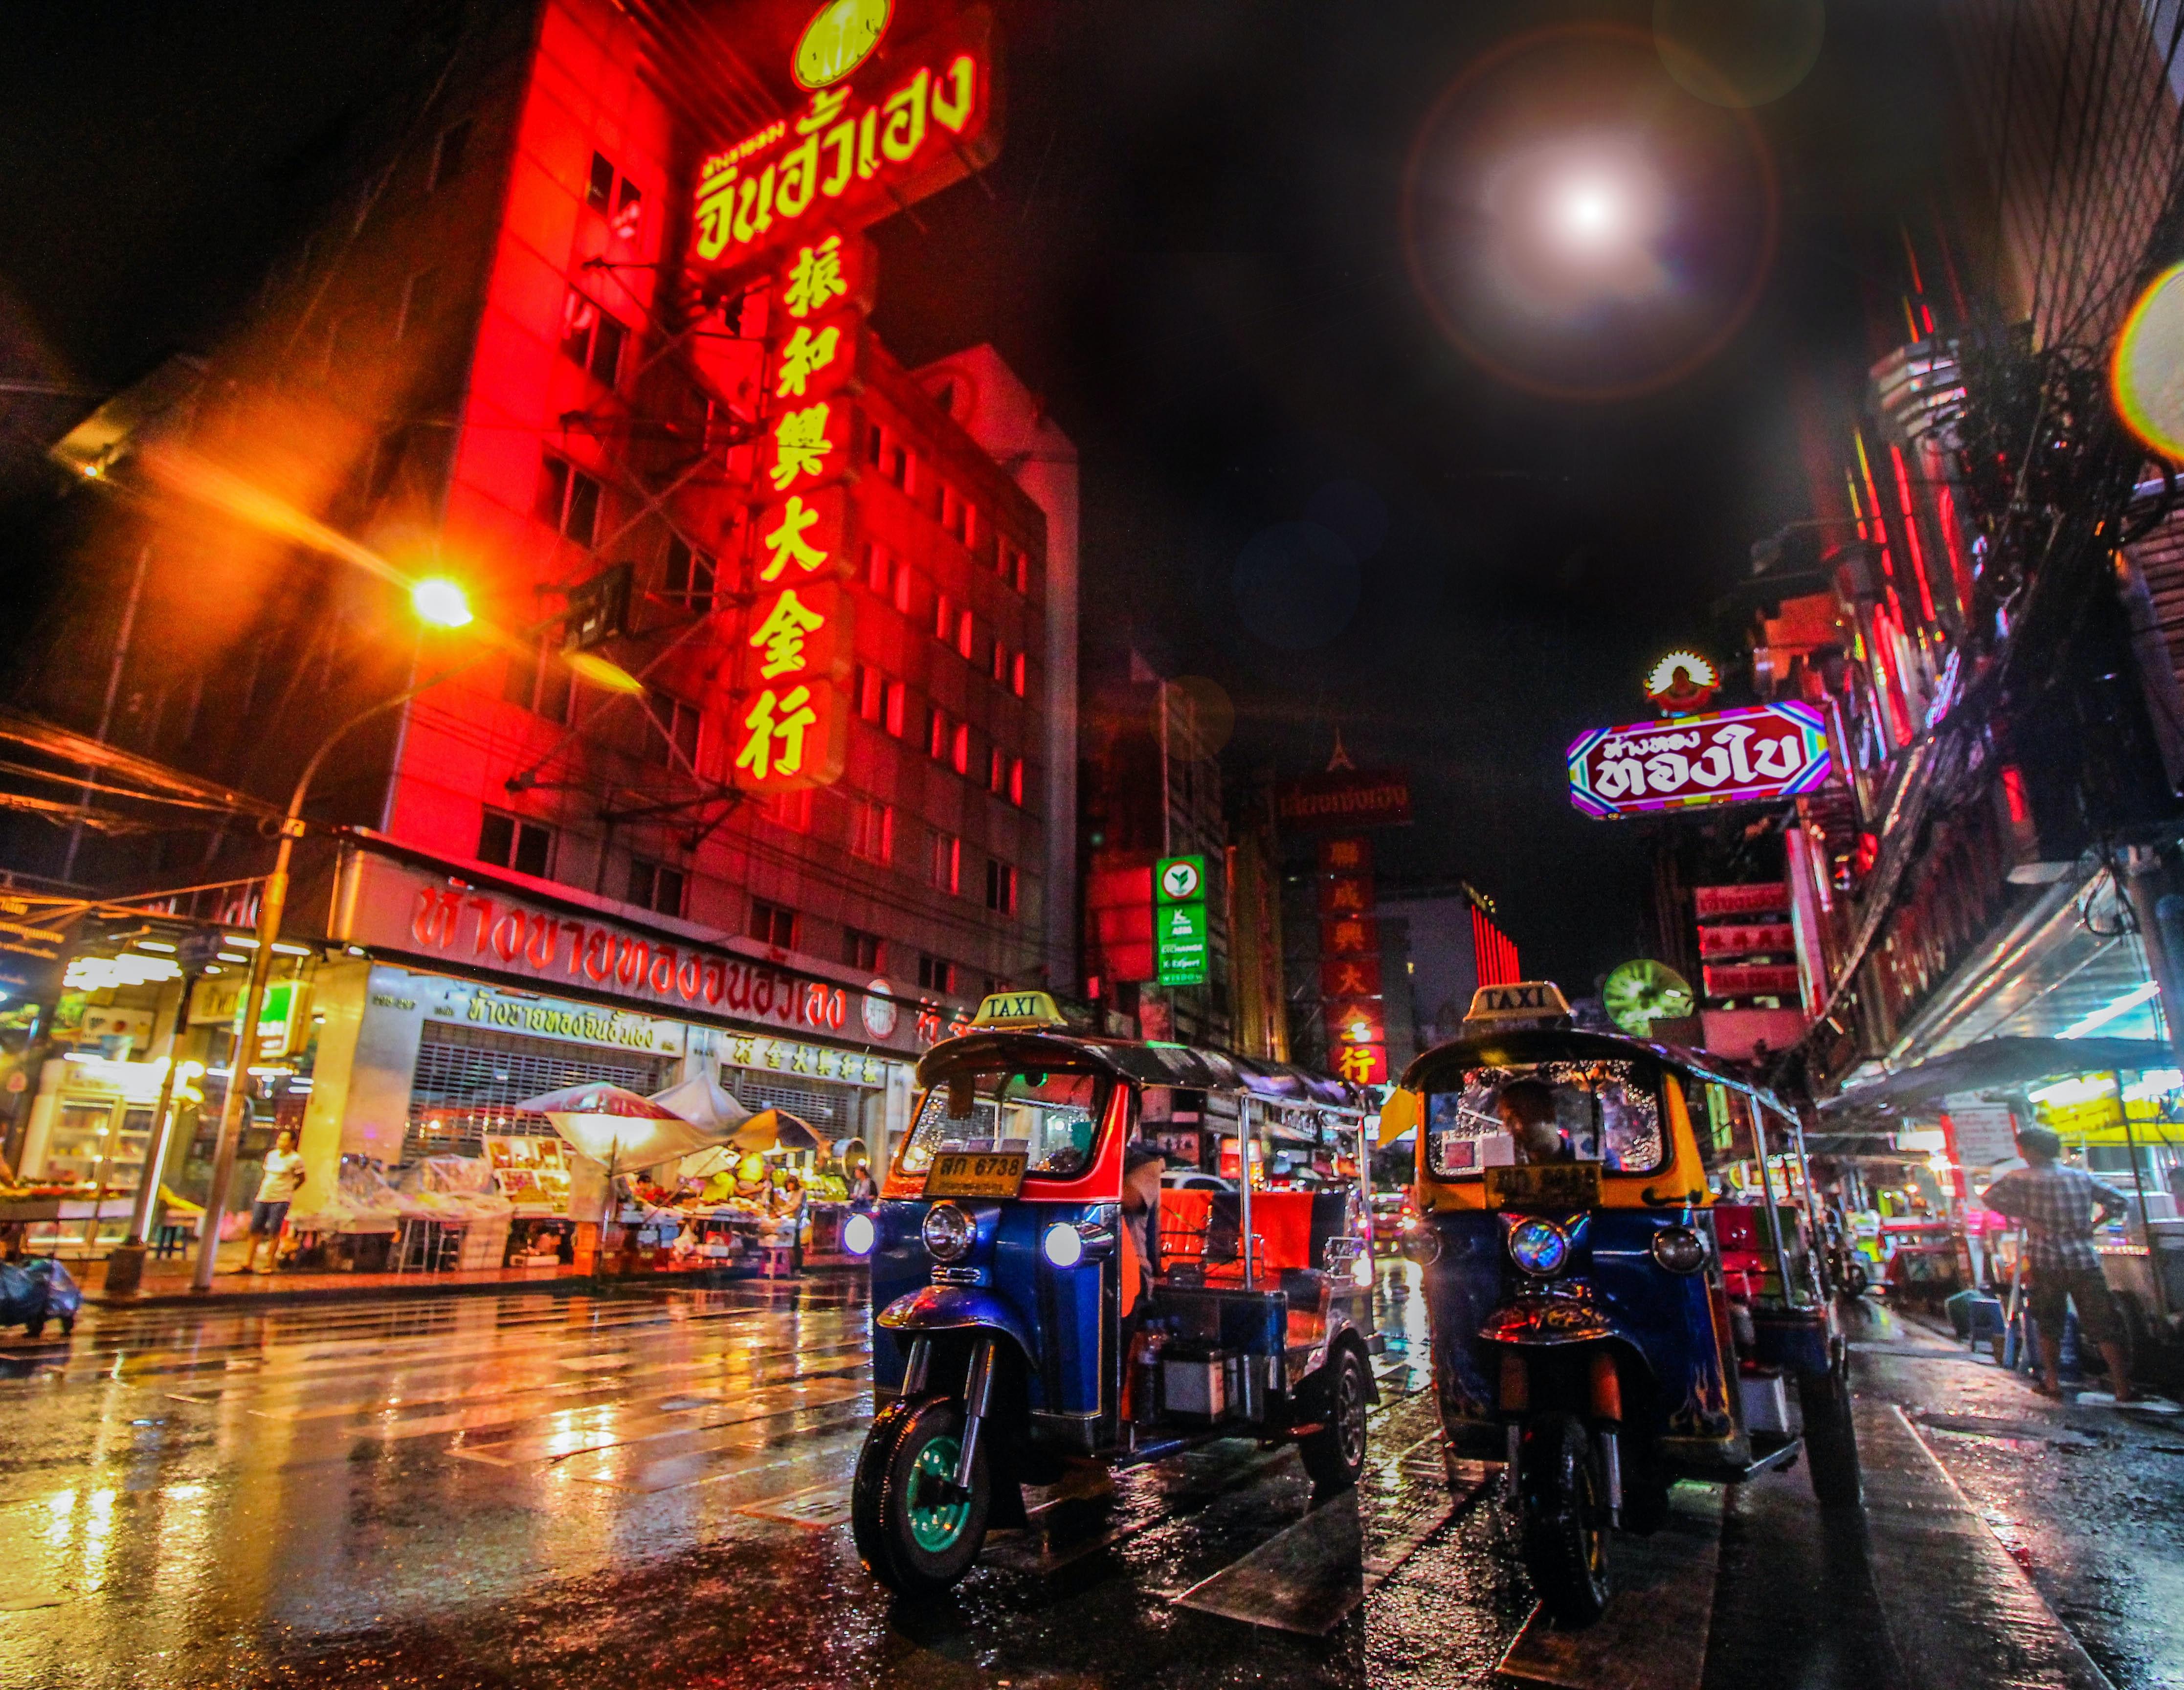 Tuktuk at Night